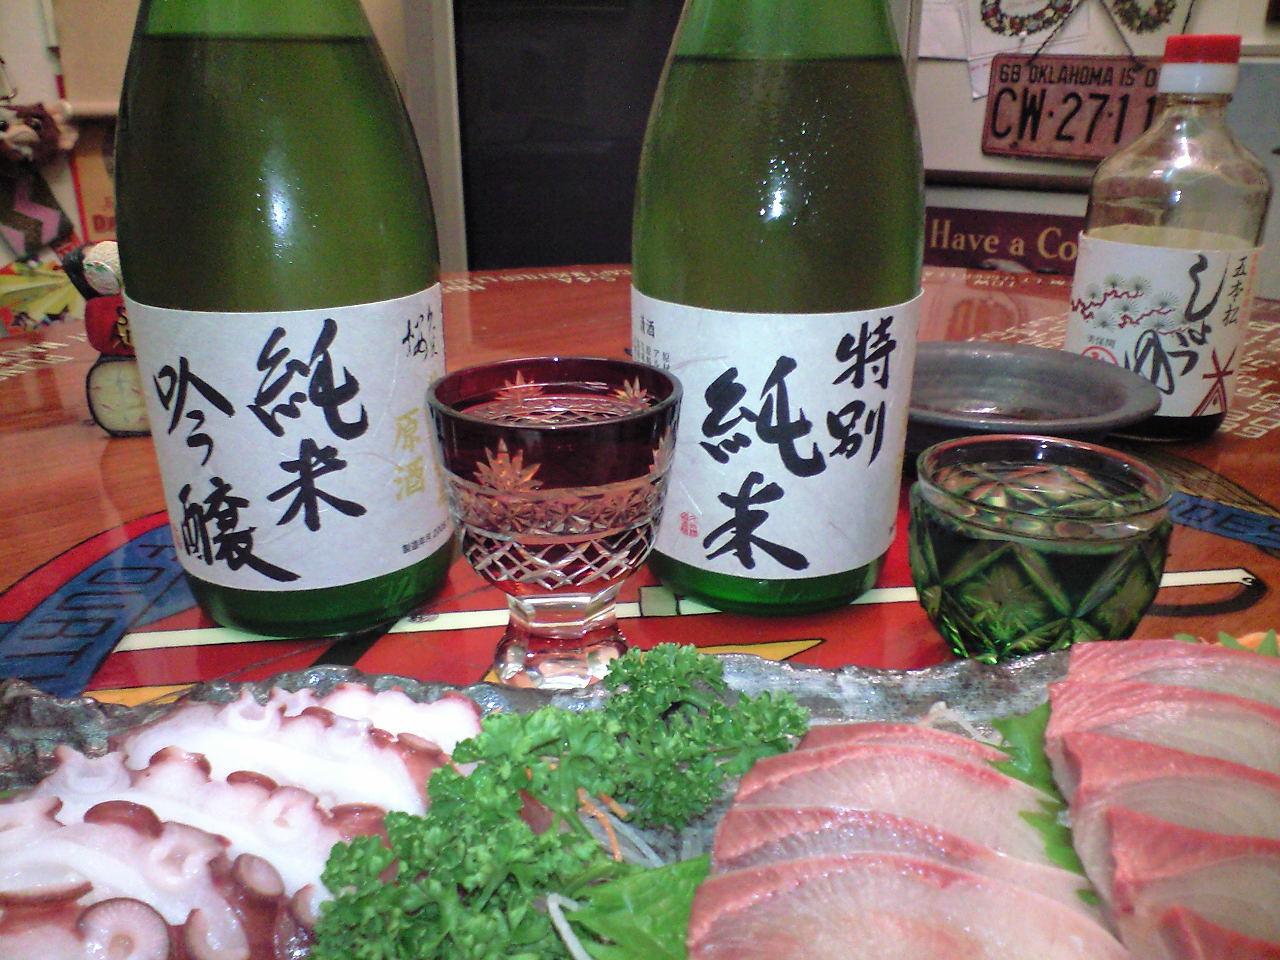 久米桜酒造 7月頒布 最高だね!